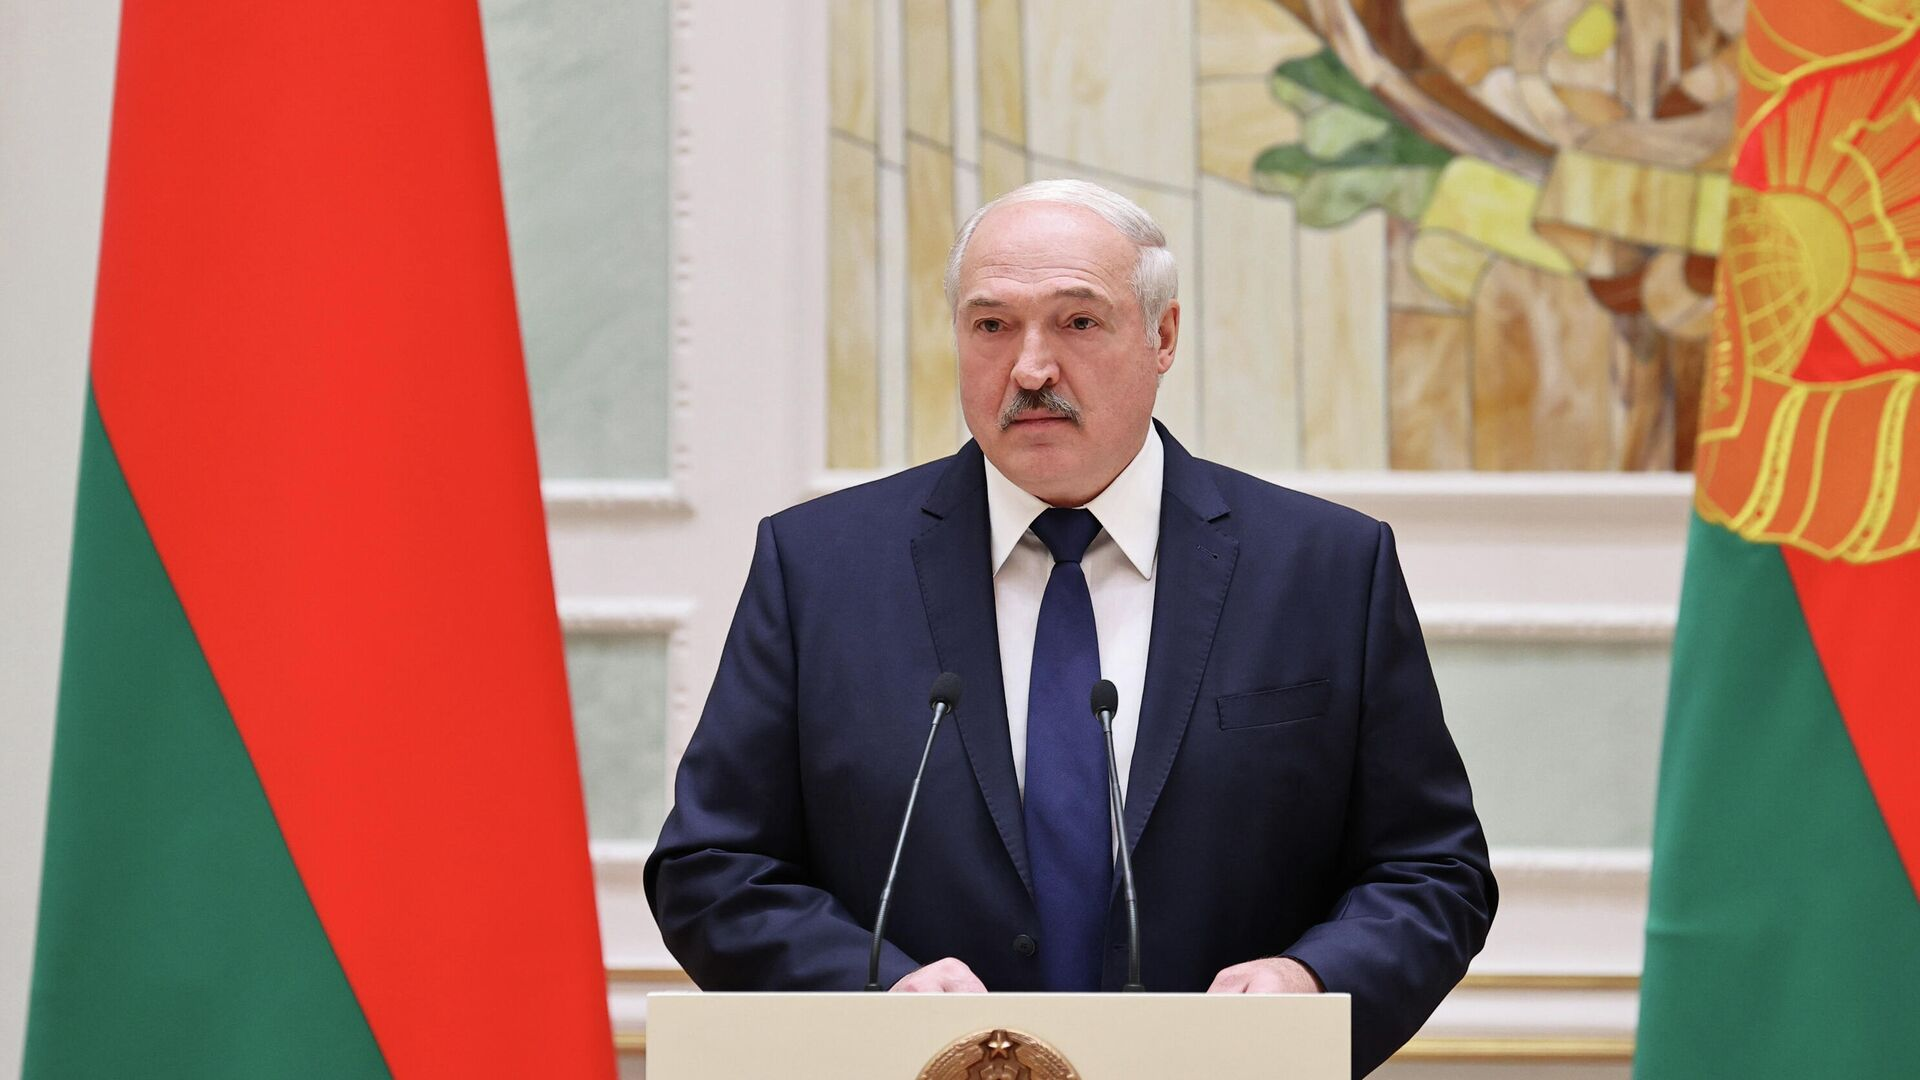 Президент Белоруссии Александр Лукашенко - РИА Новости, 1920, 15.12.2020